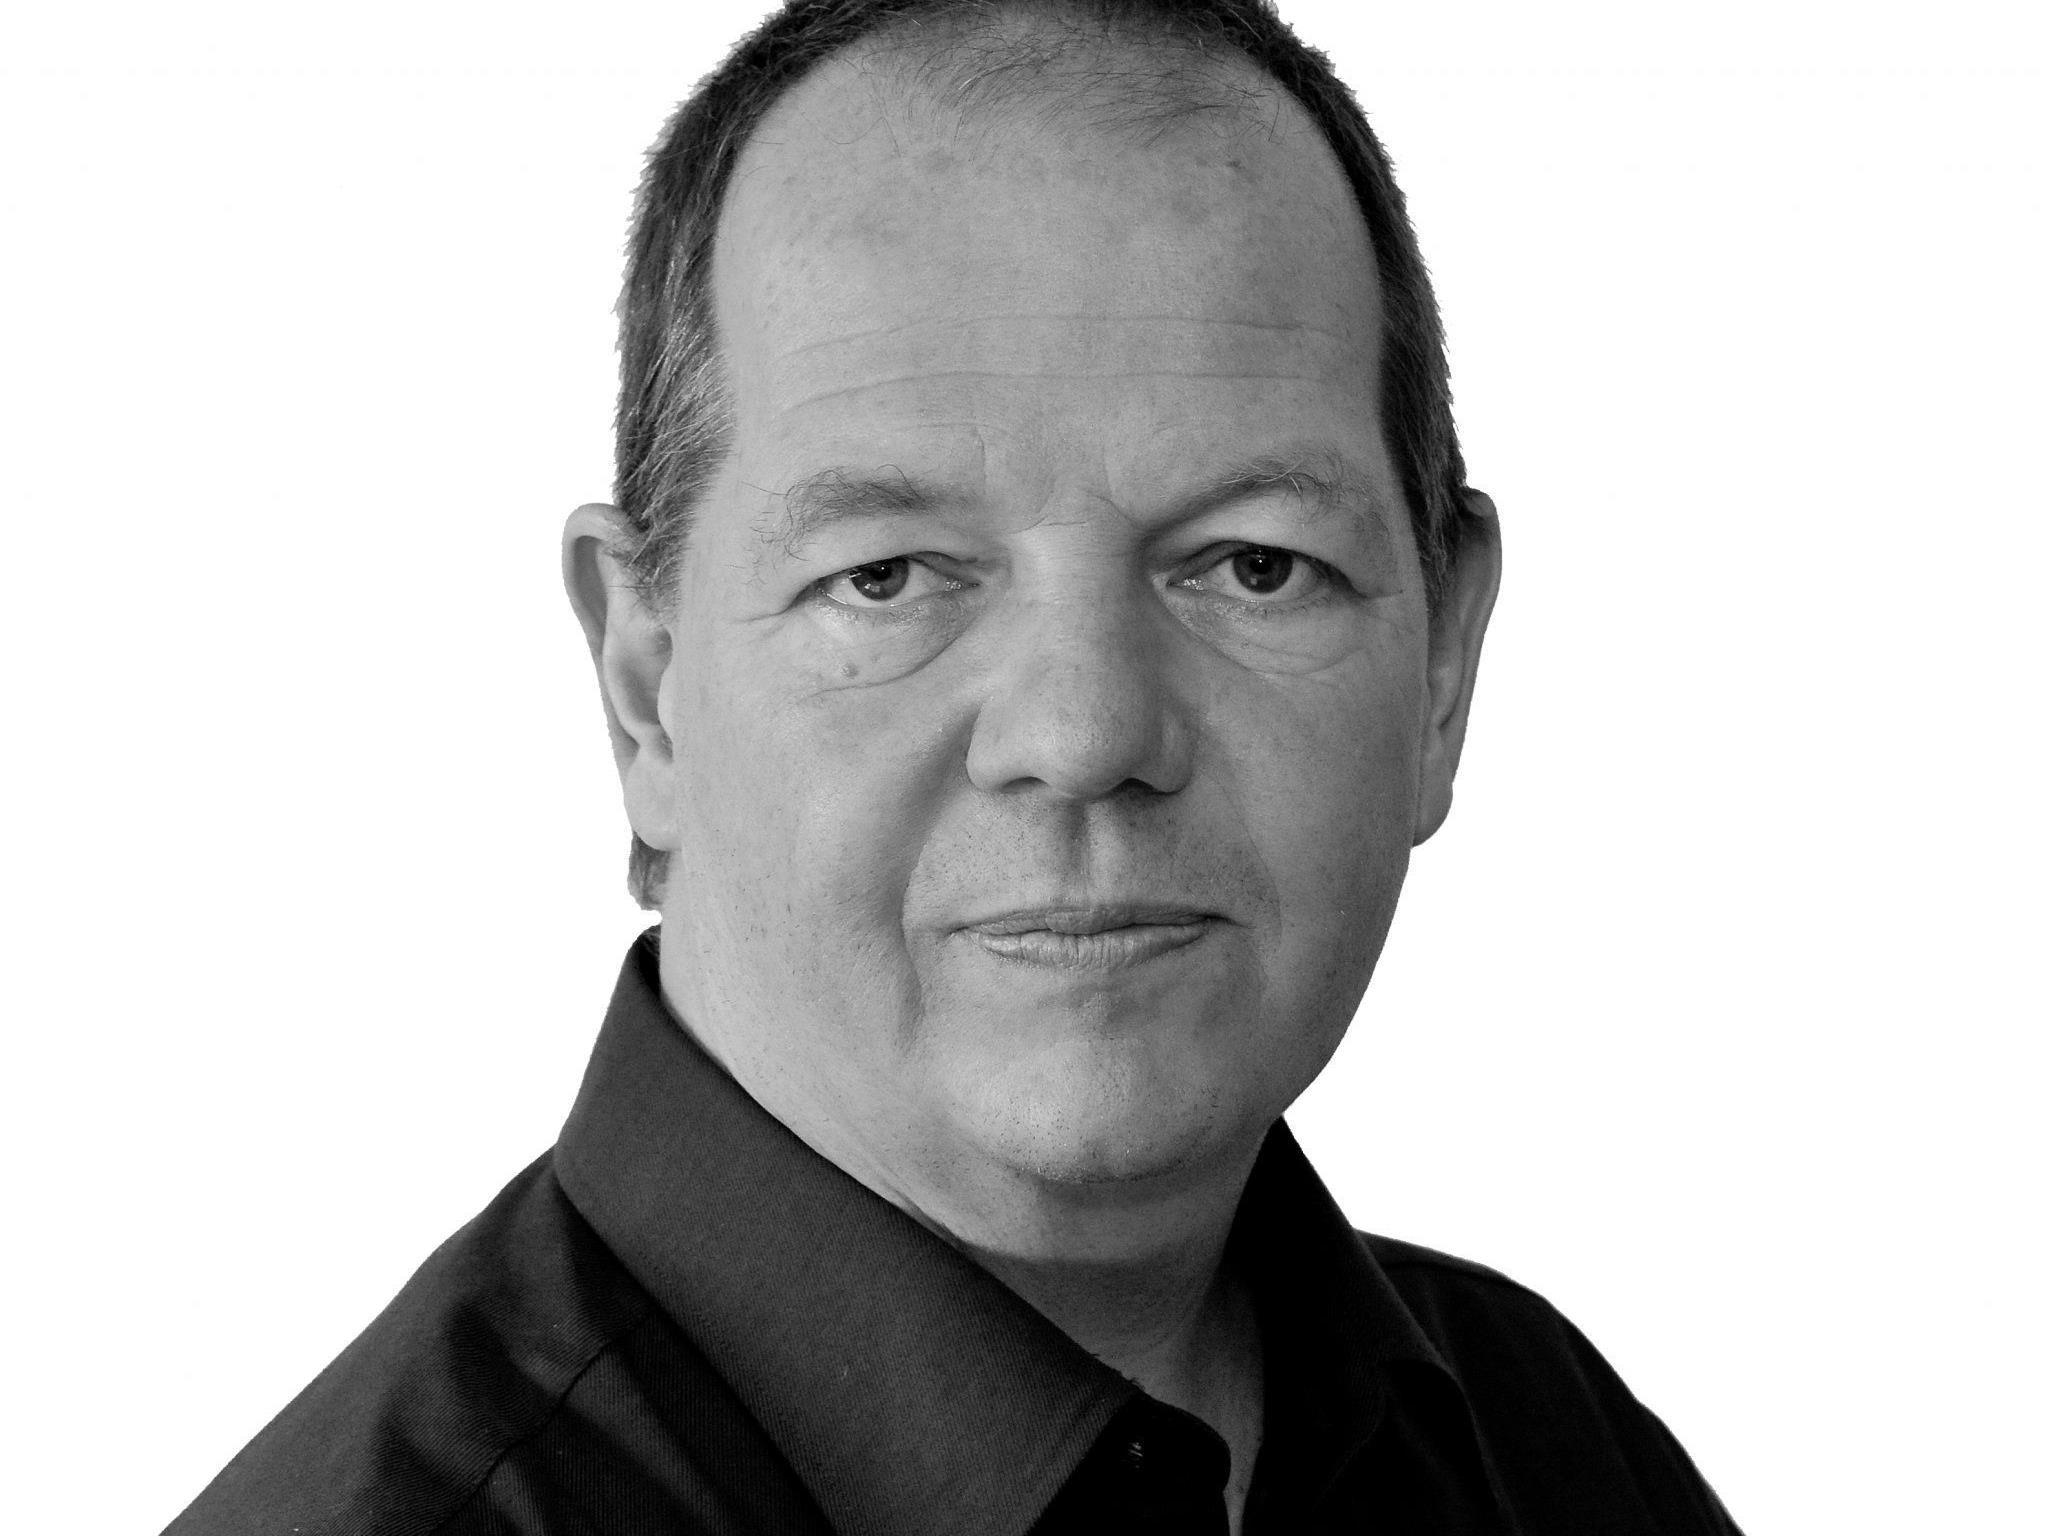 Stefan Huck